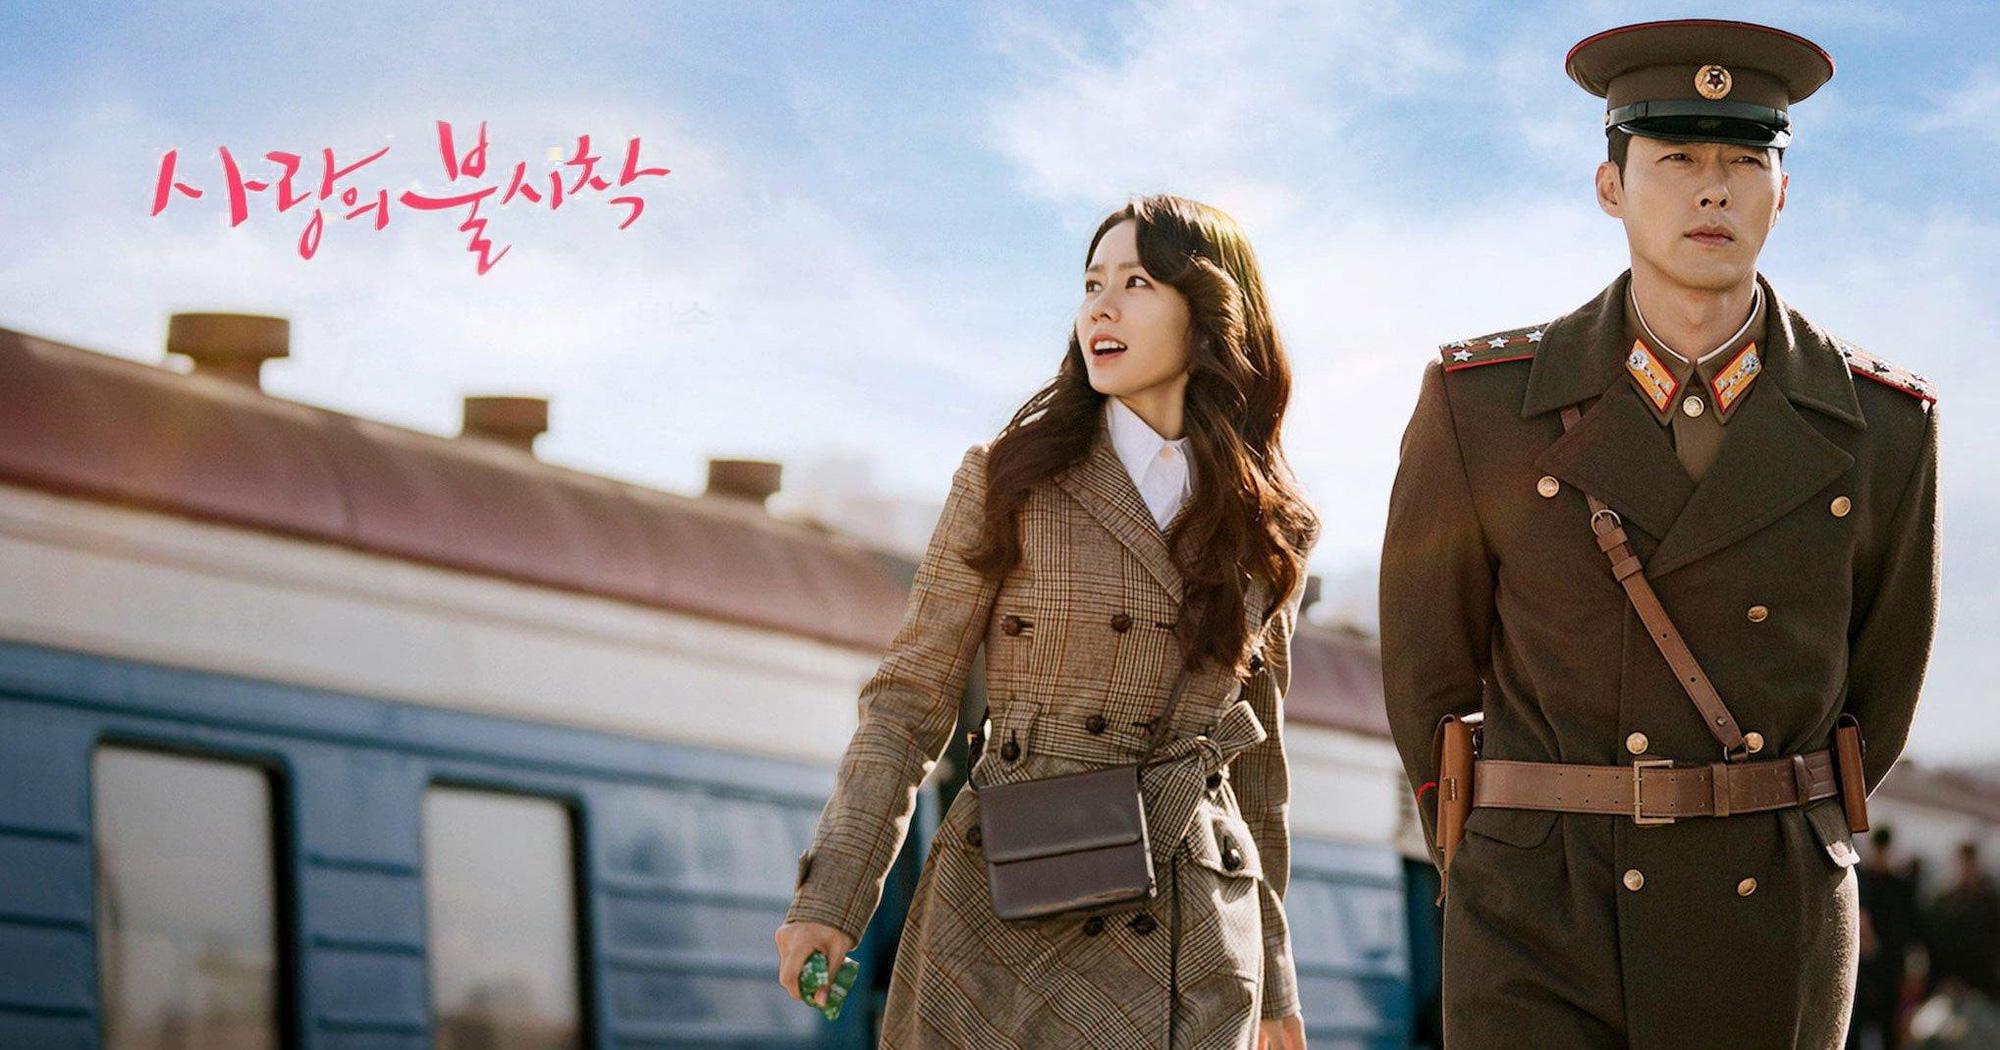 10 phim truyền hình Hàn tiêu tốn nhiều tiền nhất - Ảnh 8.